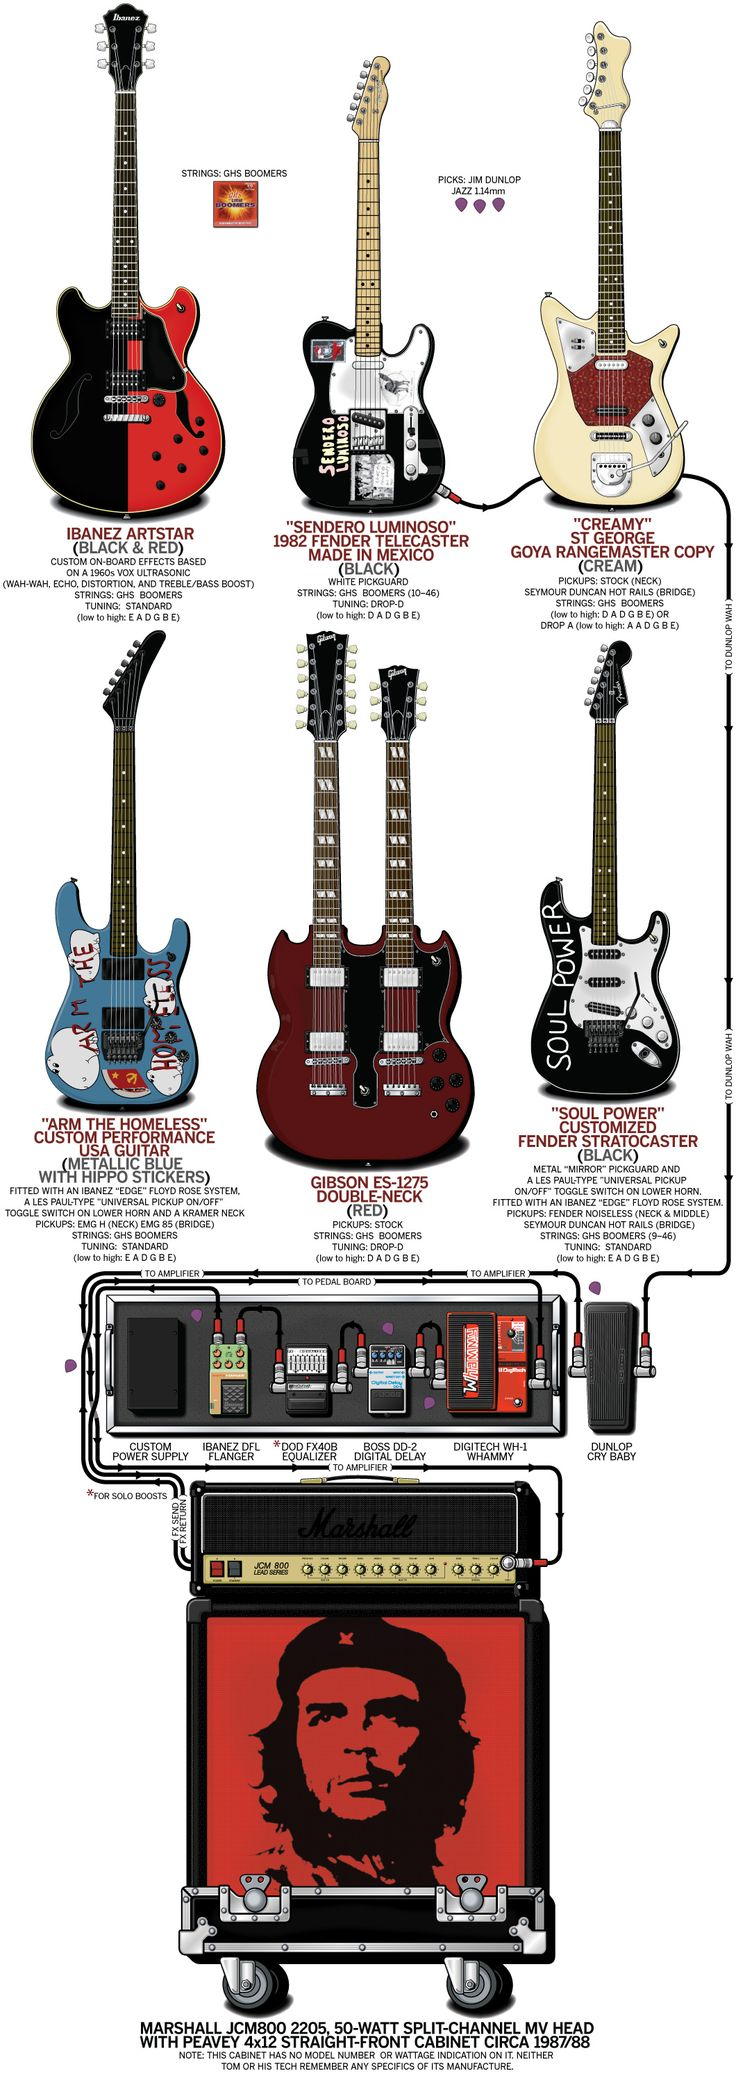 Tom Morello – Rage Against The Machine – 1998 | Guitar.com